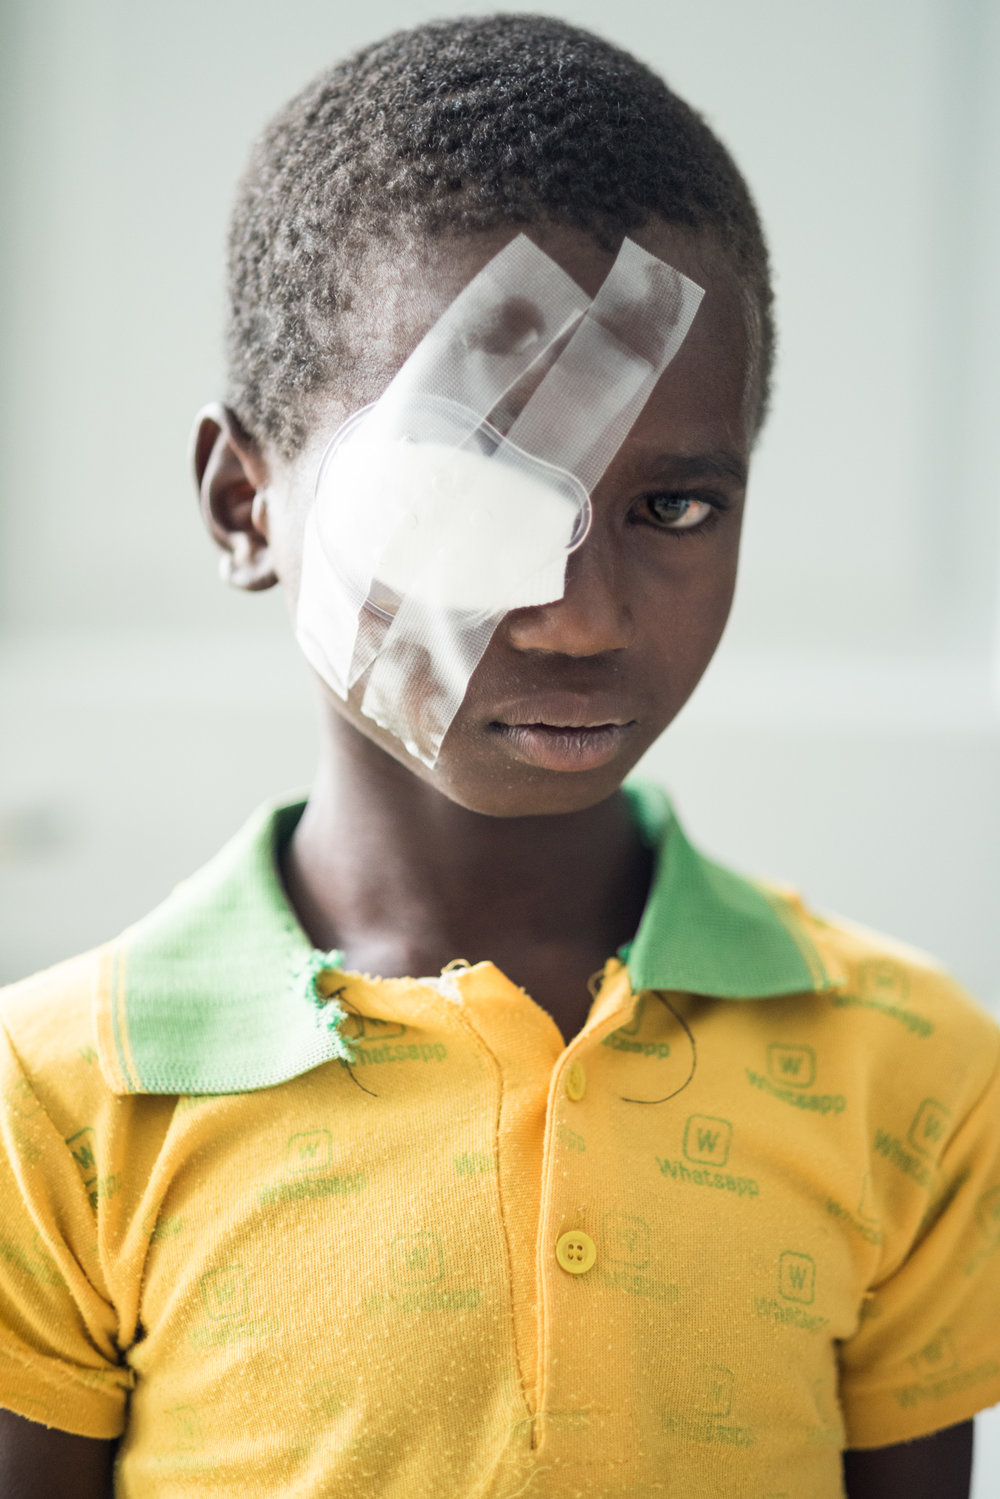 Photojournalism: Tanzania